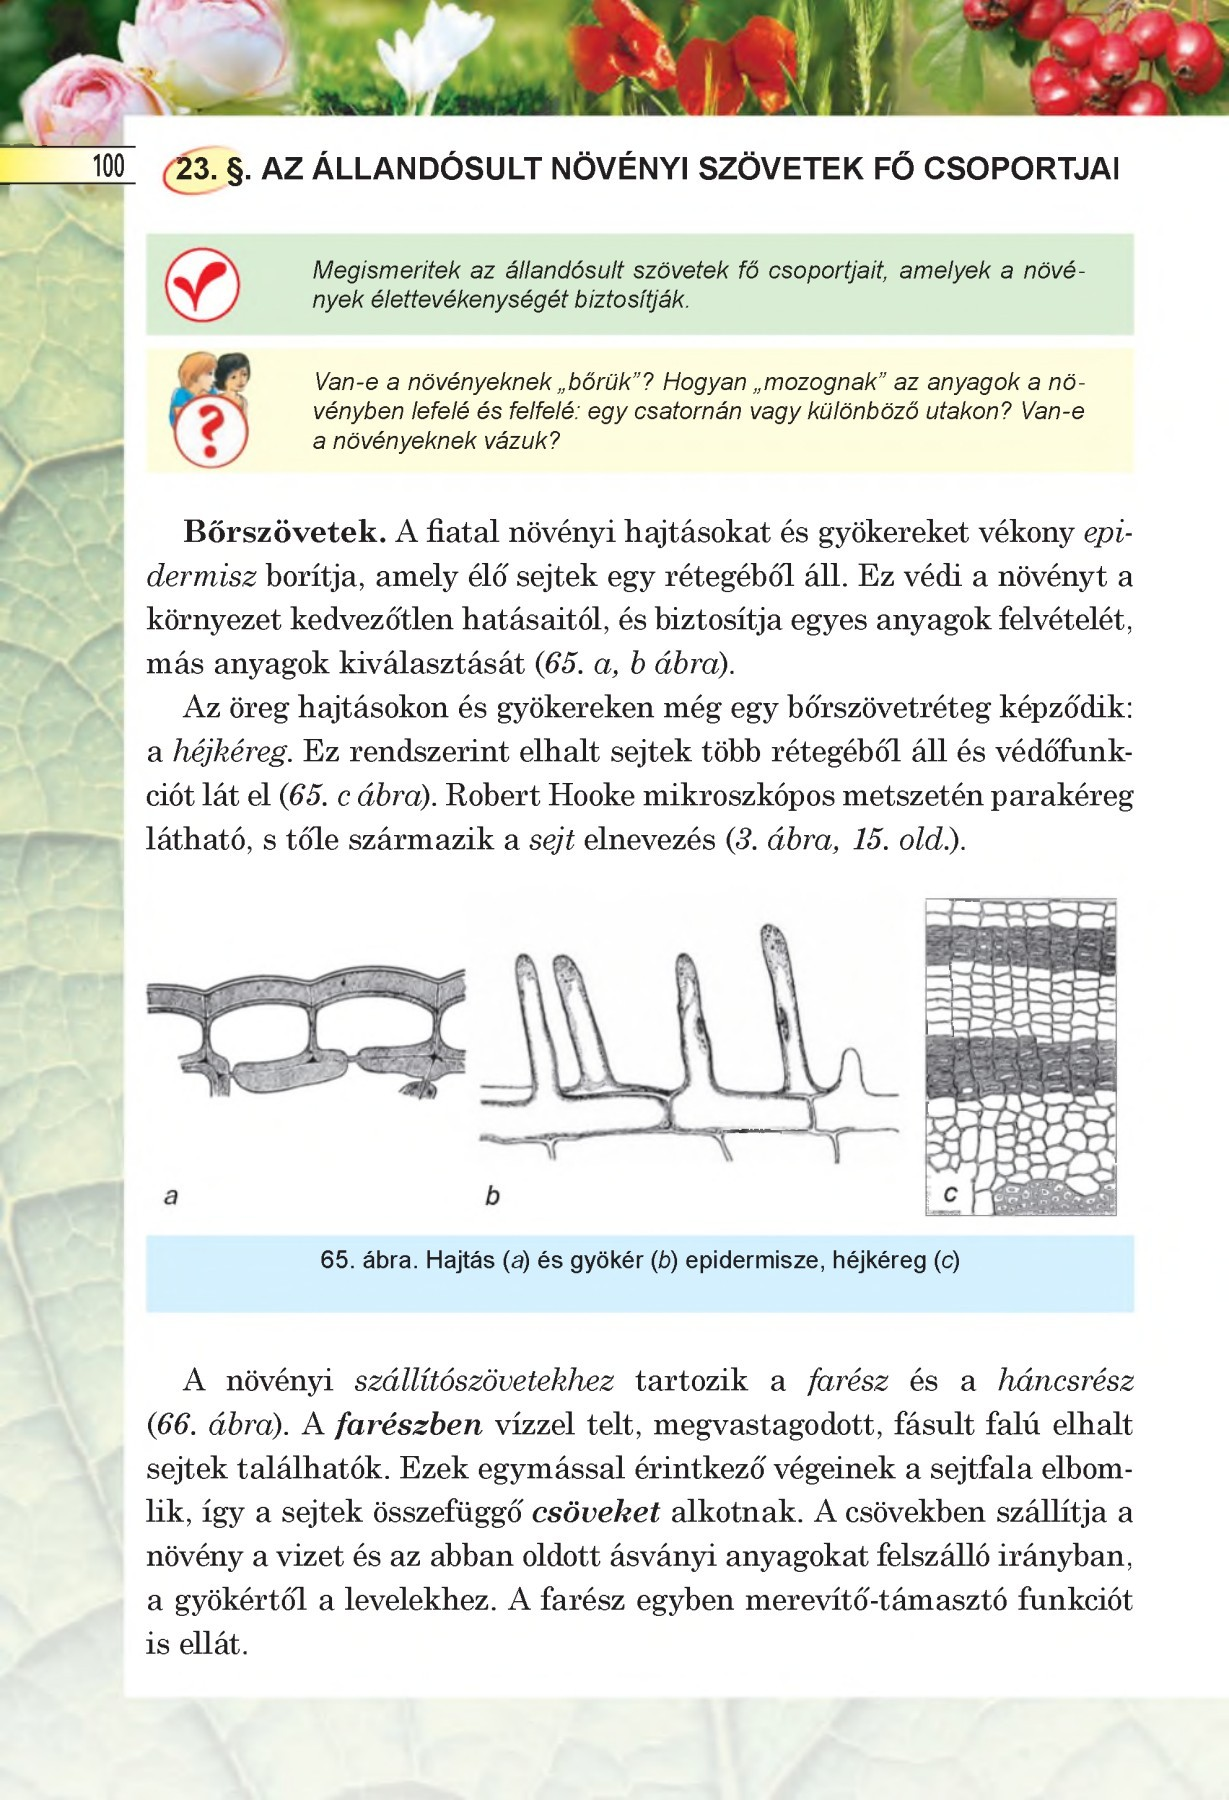 van- e a platyhelmintáknak szervei? parasite giardia in humans treatment